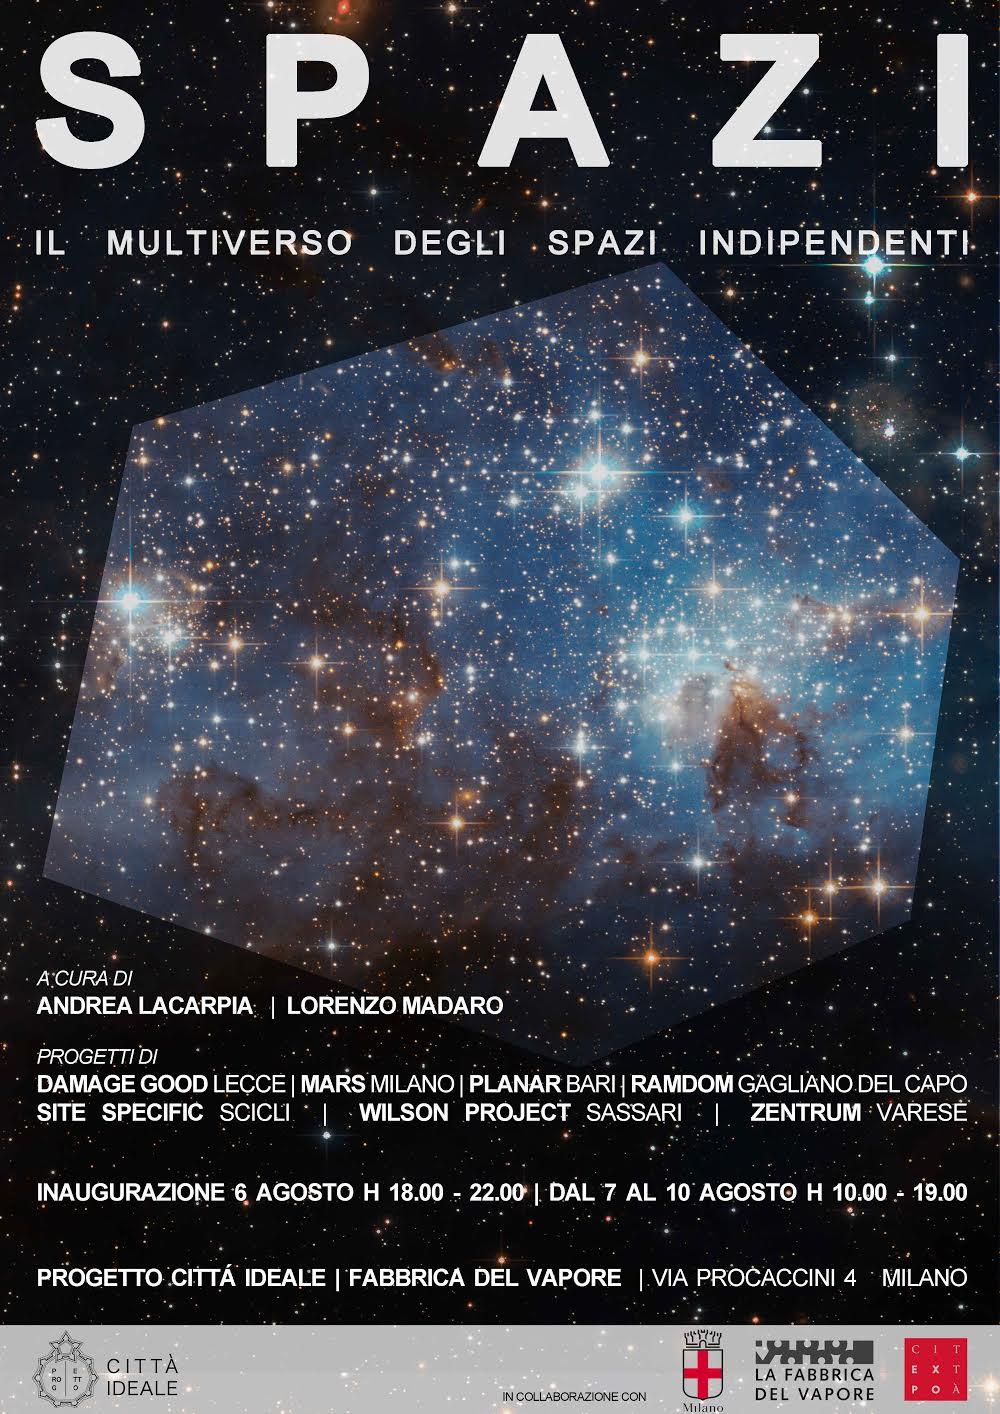 Spazi – Il multiverso degli spazi indipendenti